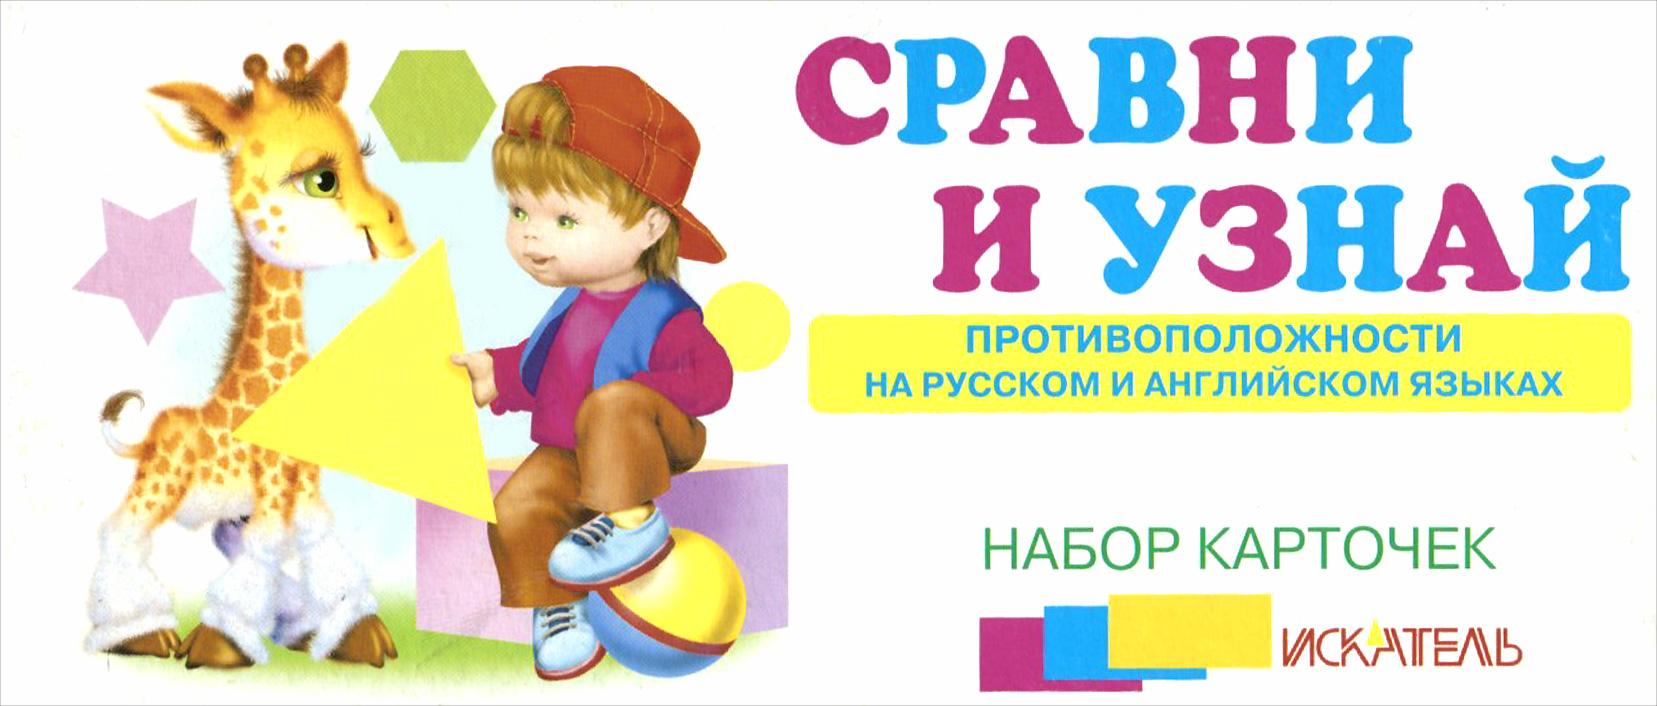 Сравни и узнай. Противоположности на русском и английском языках (набор из 22 карточек)12296407Набор развивающих карточек СРАВНИ И УЗНАЙ для занятий с детьми дома и в детском саду. Карточки направлены на развитие логики и мышления ребёнка, который в недалёком будущем пойдёт в школу. С помощью карточек ребёнок научится сравнивать и понимать отличия, а еще карточки помогут развить речь, память, вниманию и воображение.